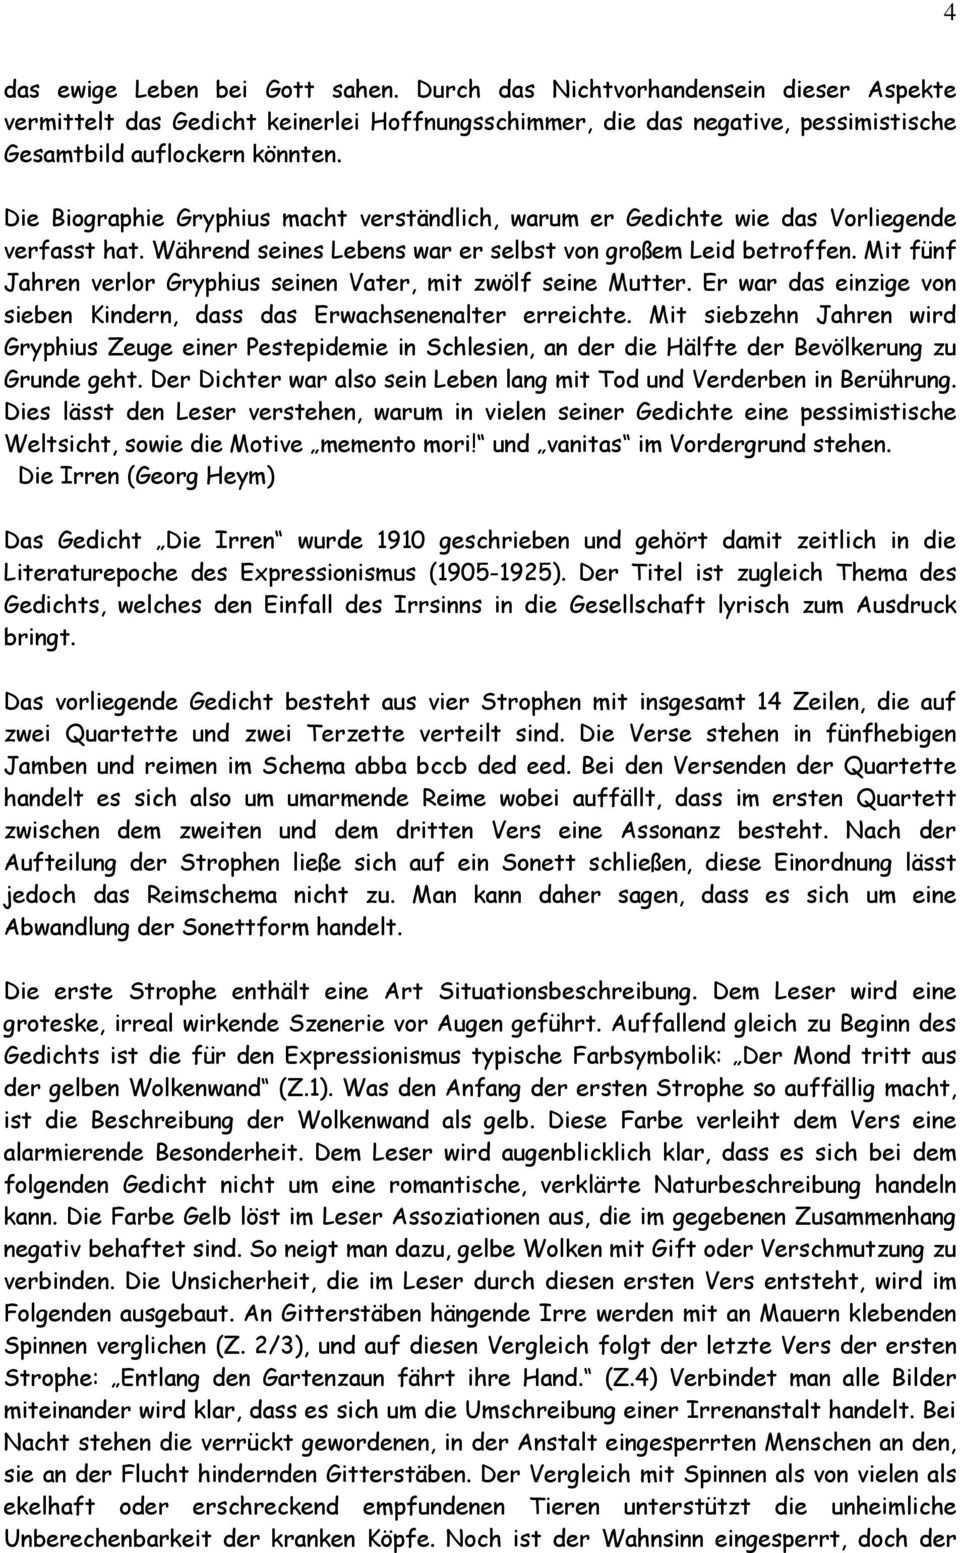 Lyrikinterpretation Und Gedichtvergleich Barock Expressionismus Pdf Free Download